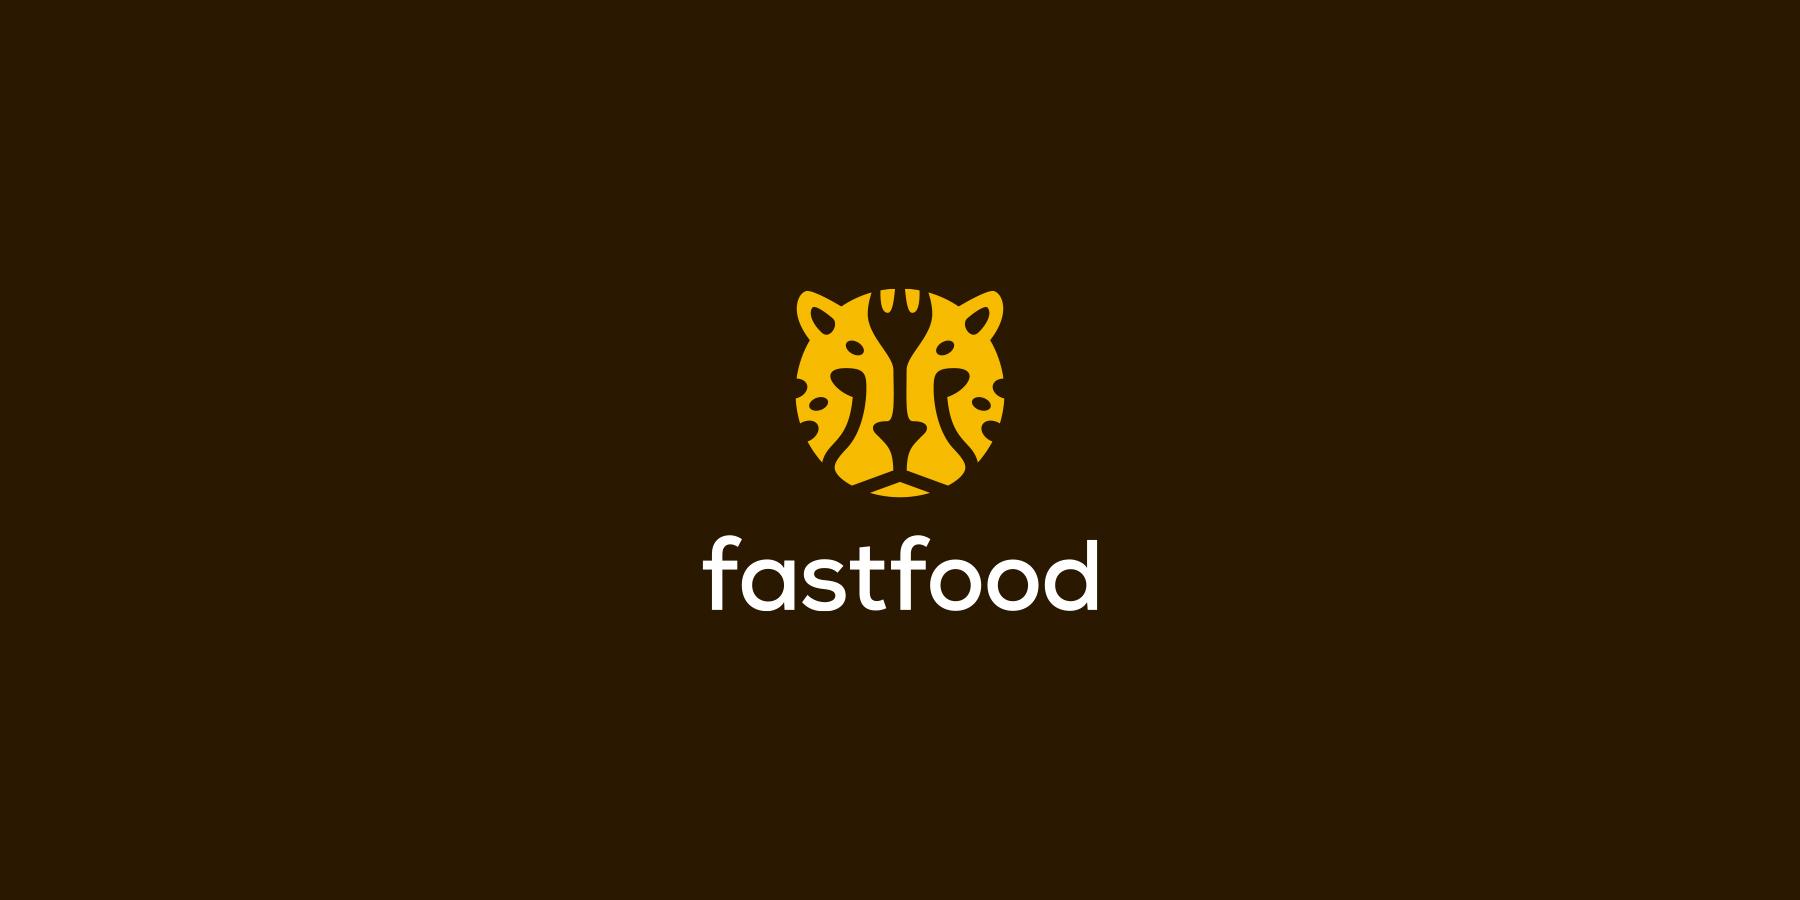 fastfood-logo-design-01